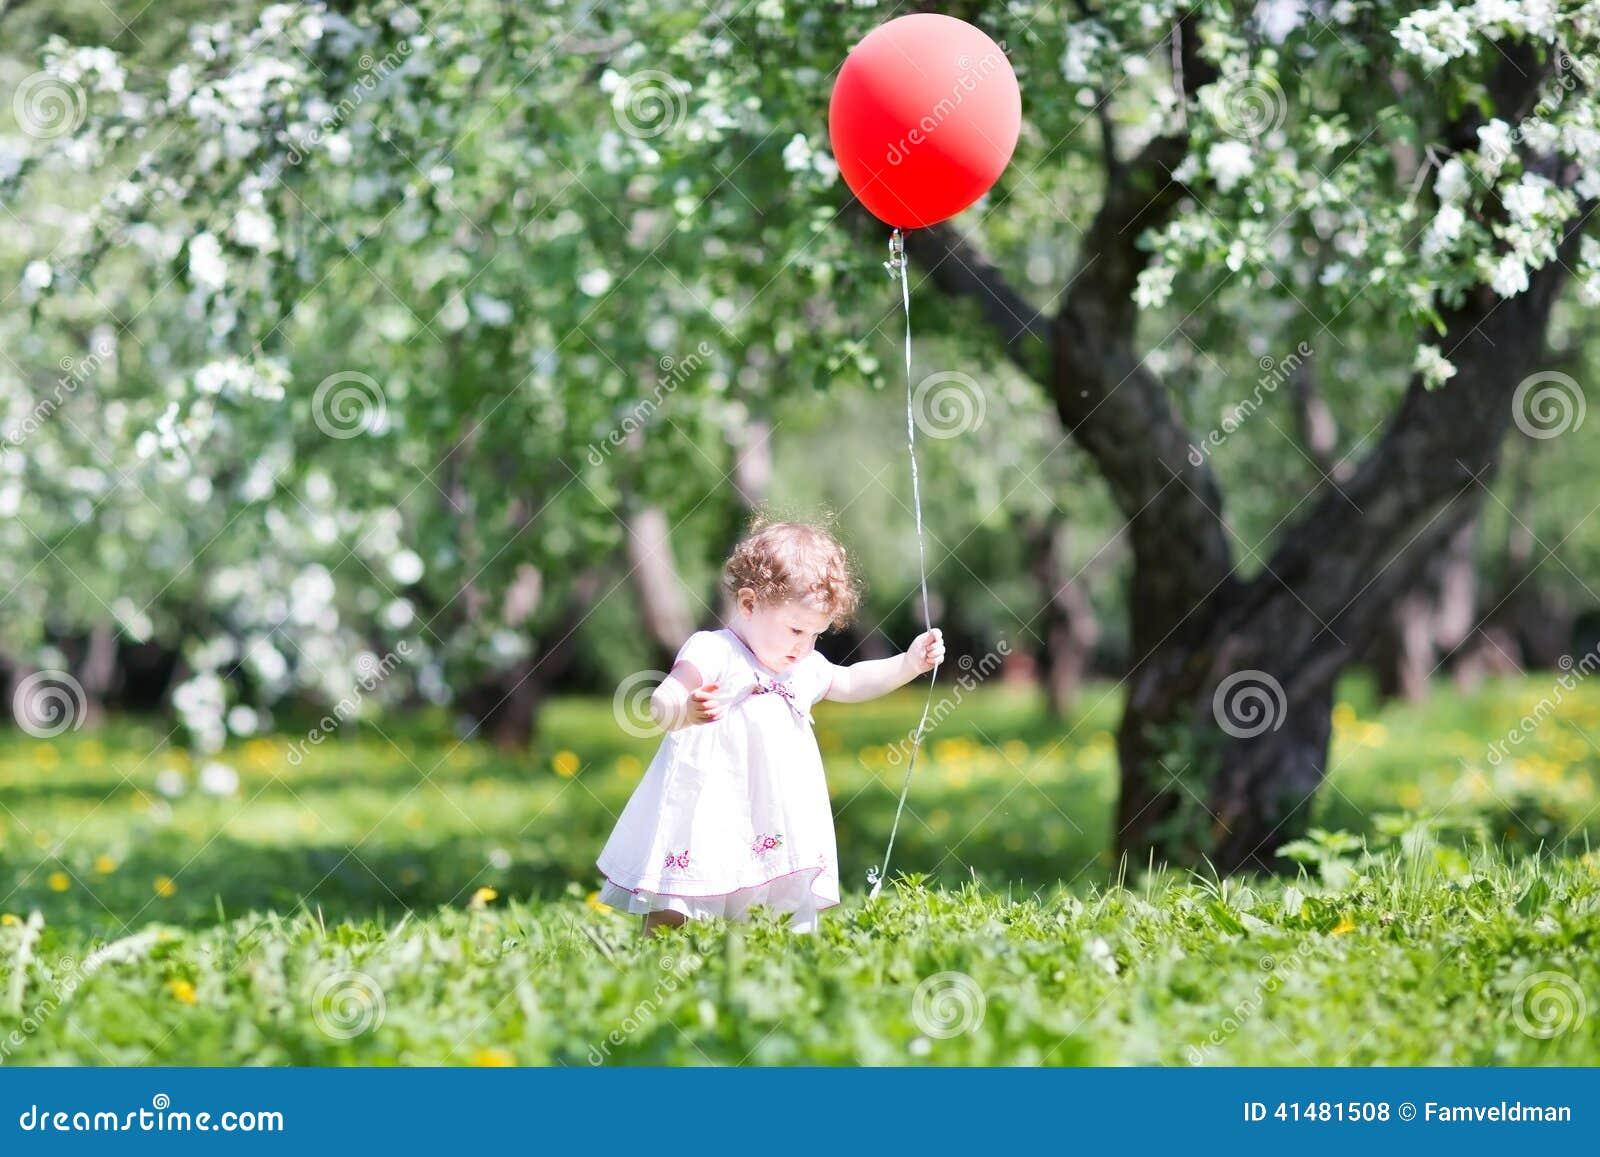 Grappig babymeisje in de tuin van de appelboom met rode impuls